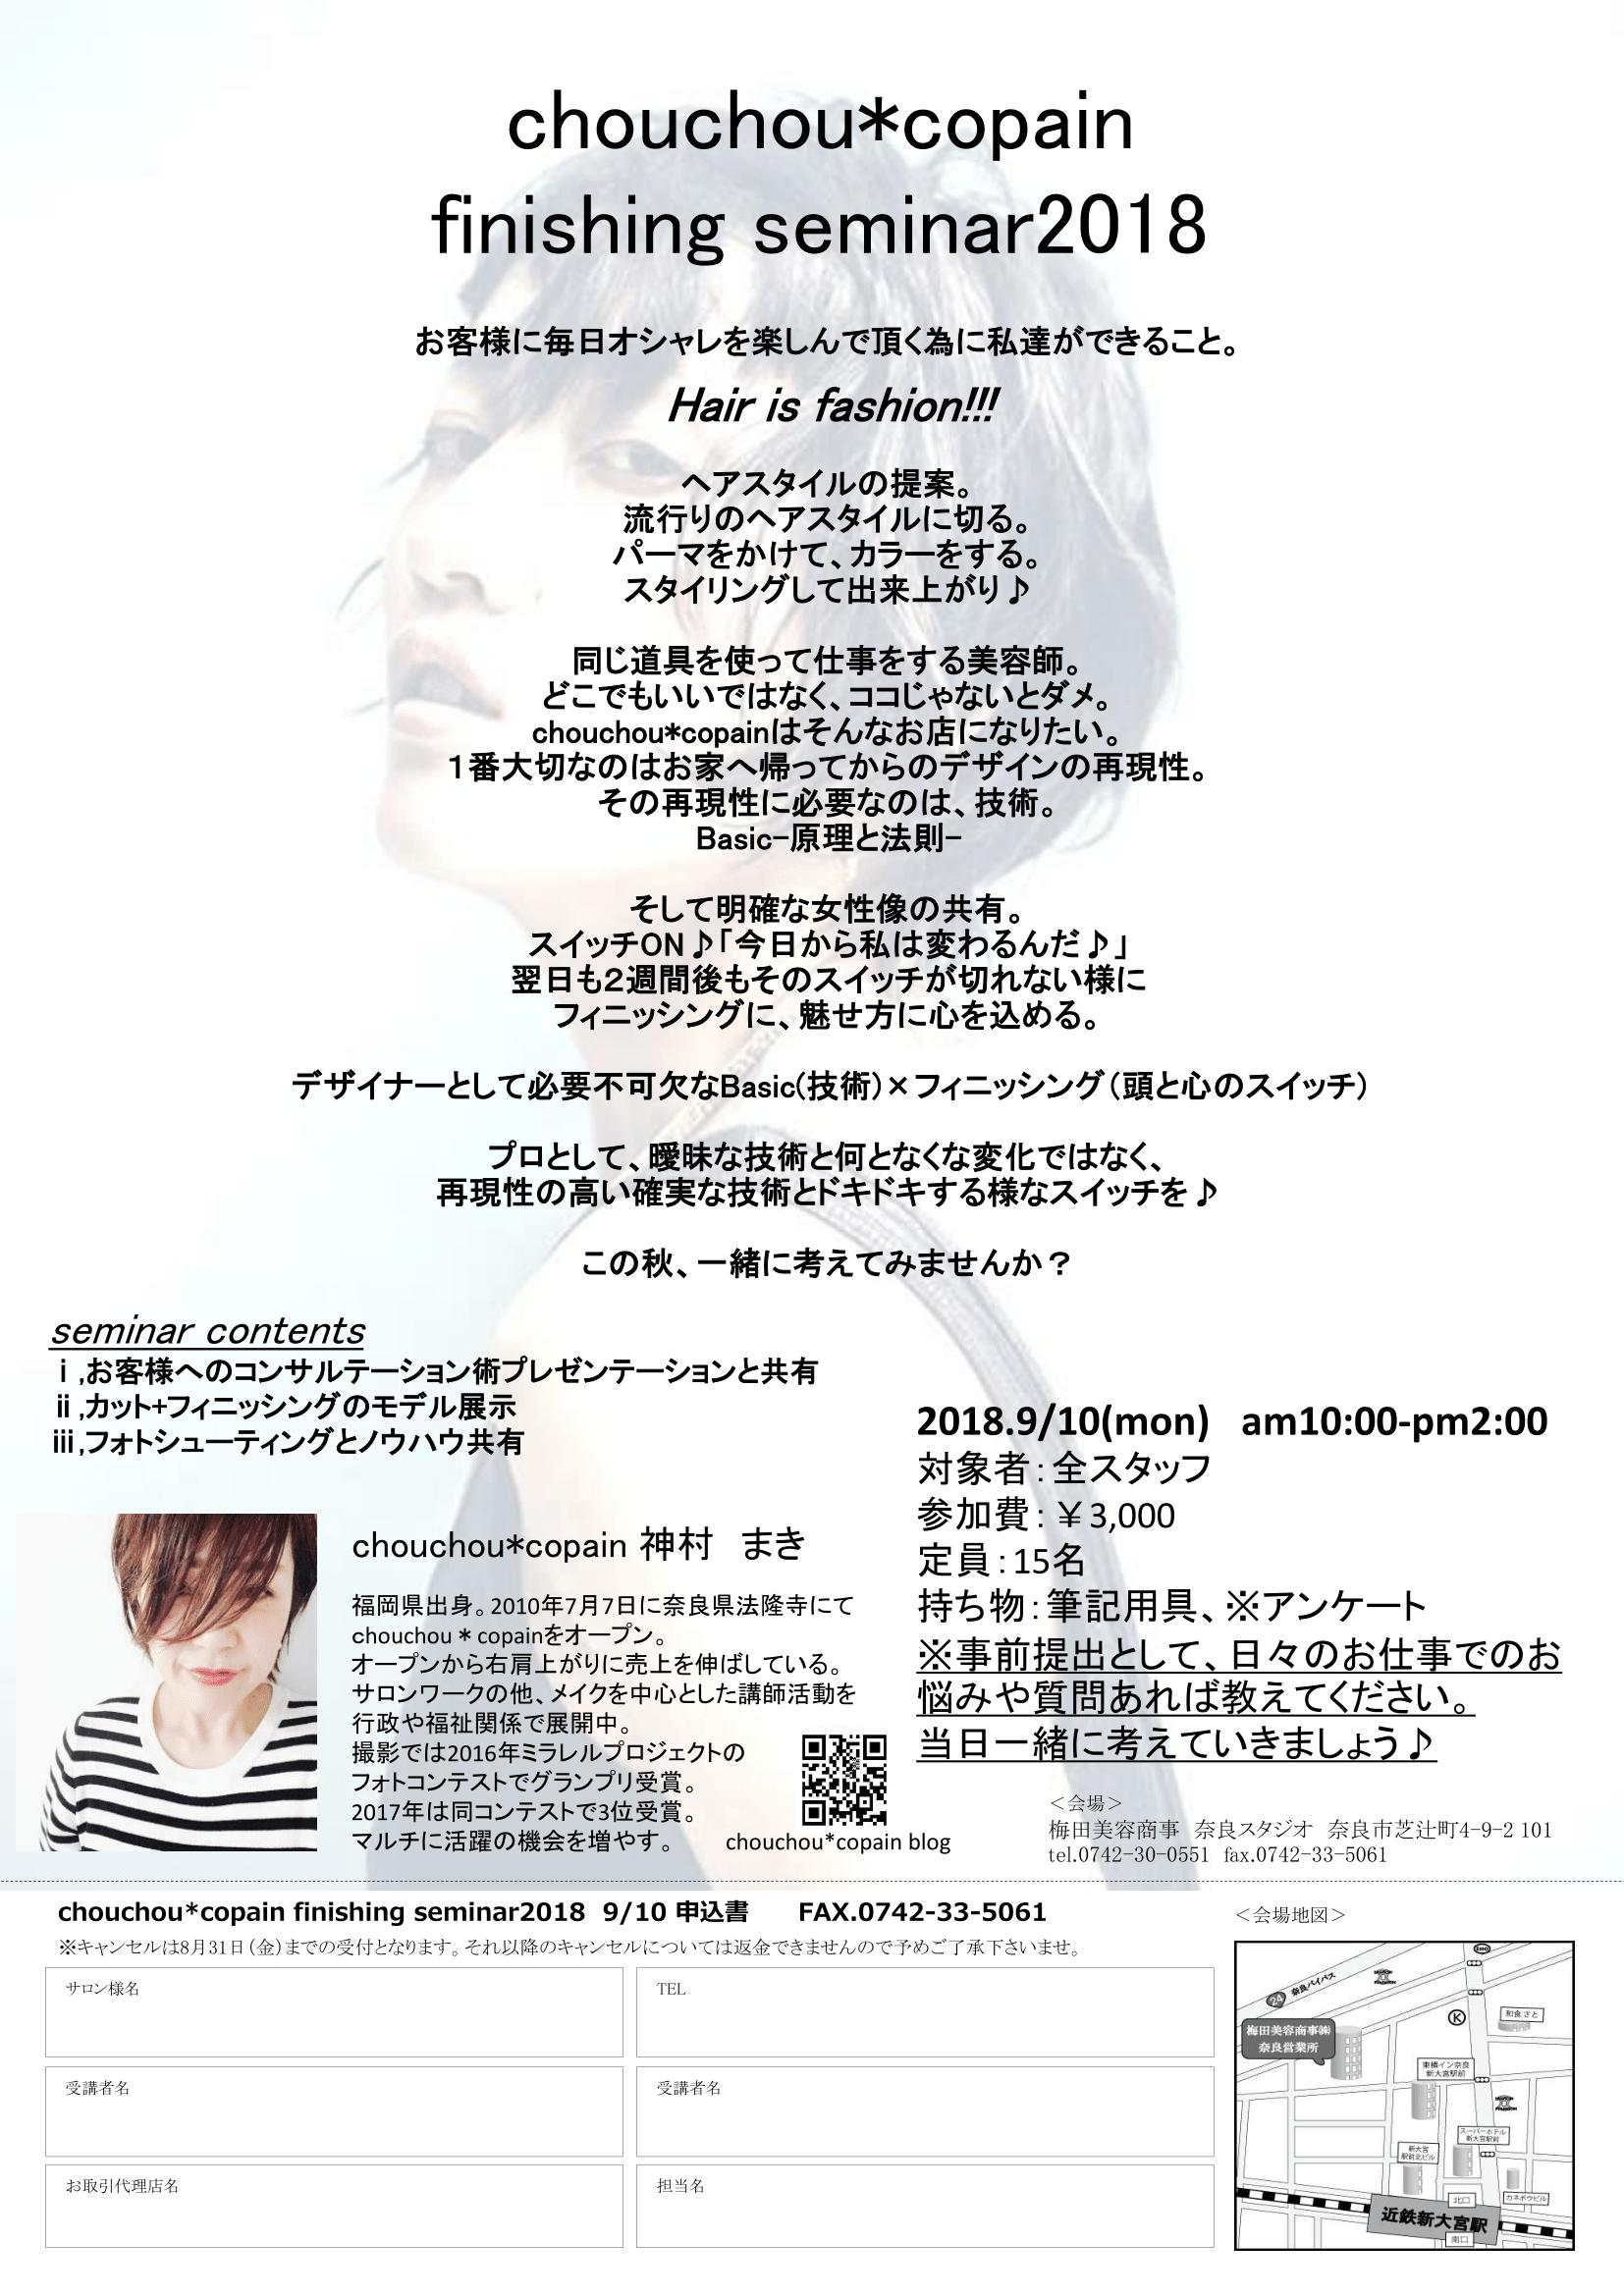 【奈良】chouchou*copain finishing seminar